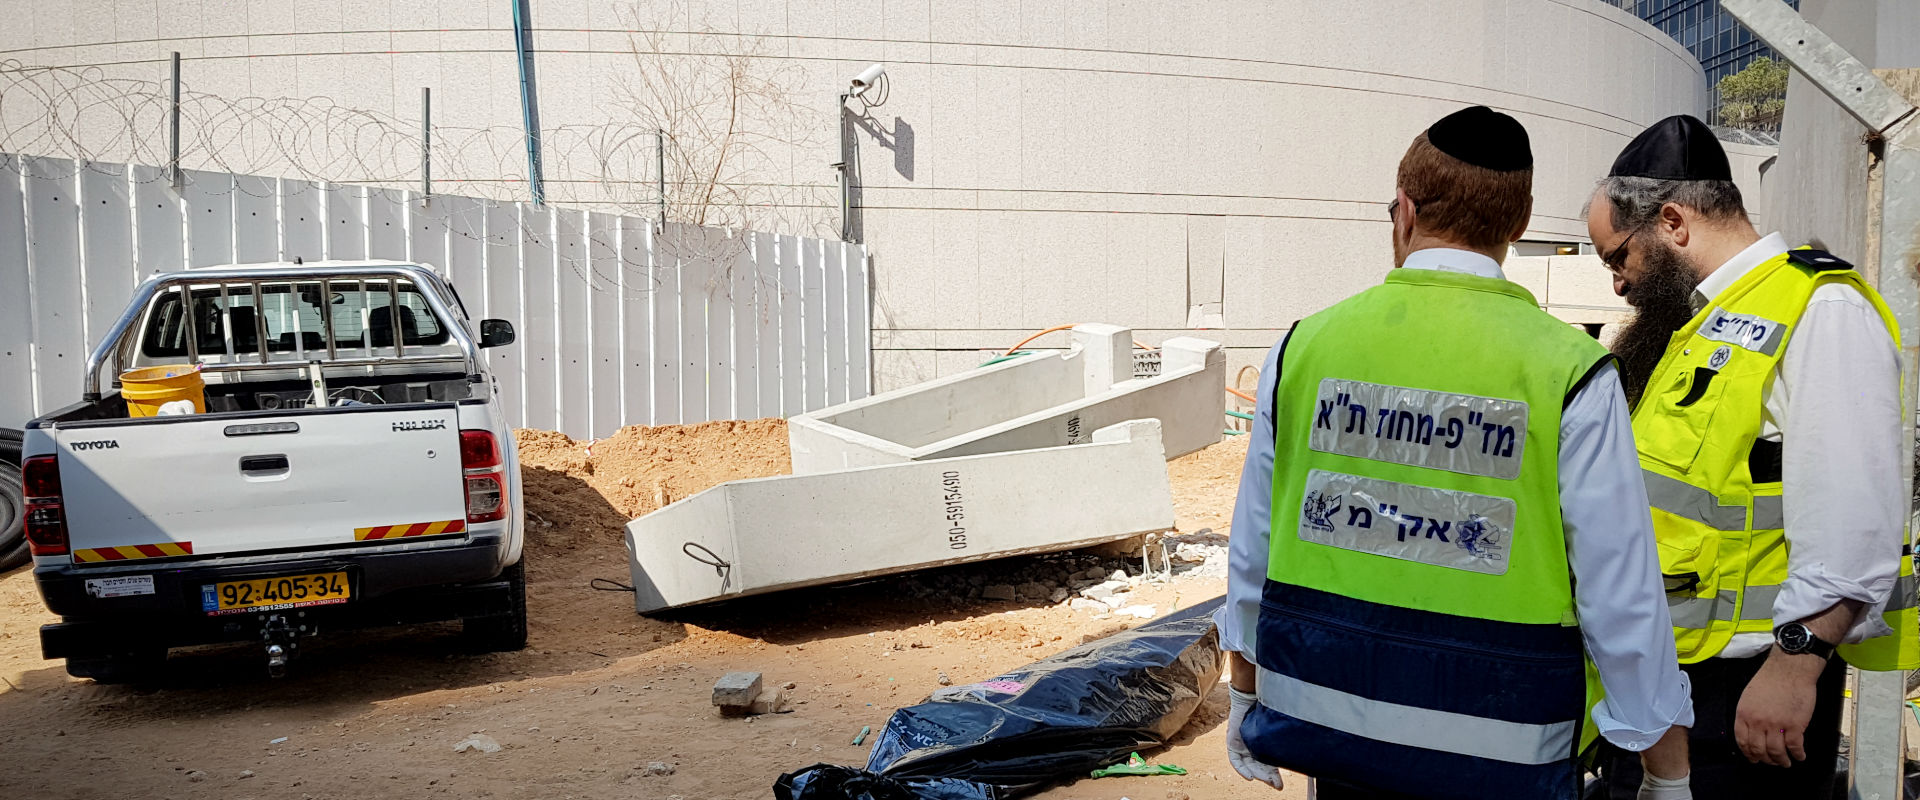 אתר בנייה בו נהרג פועל